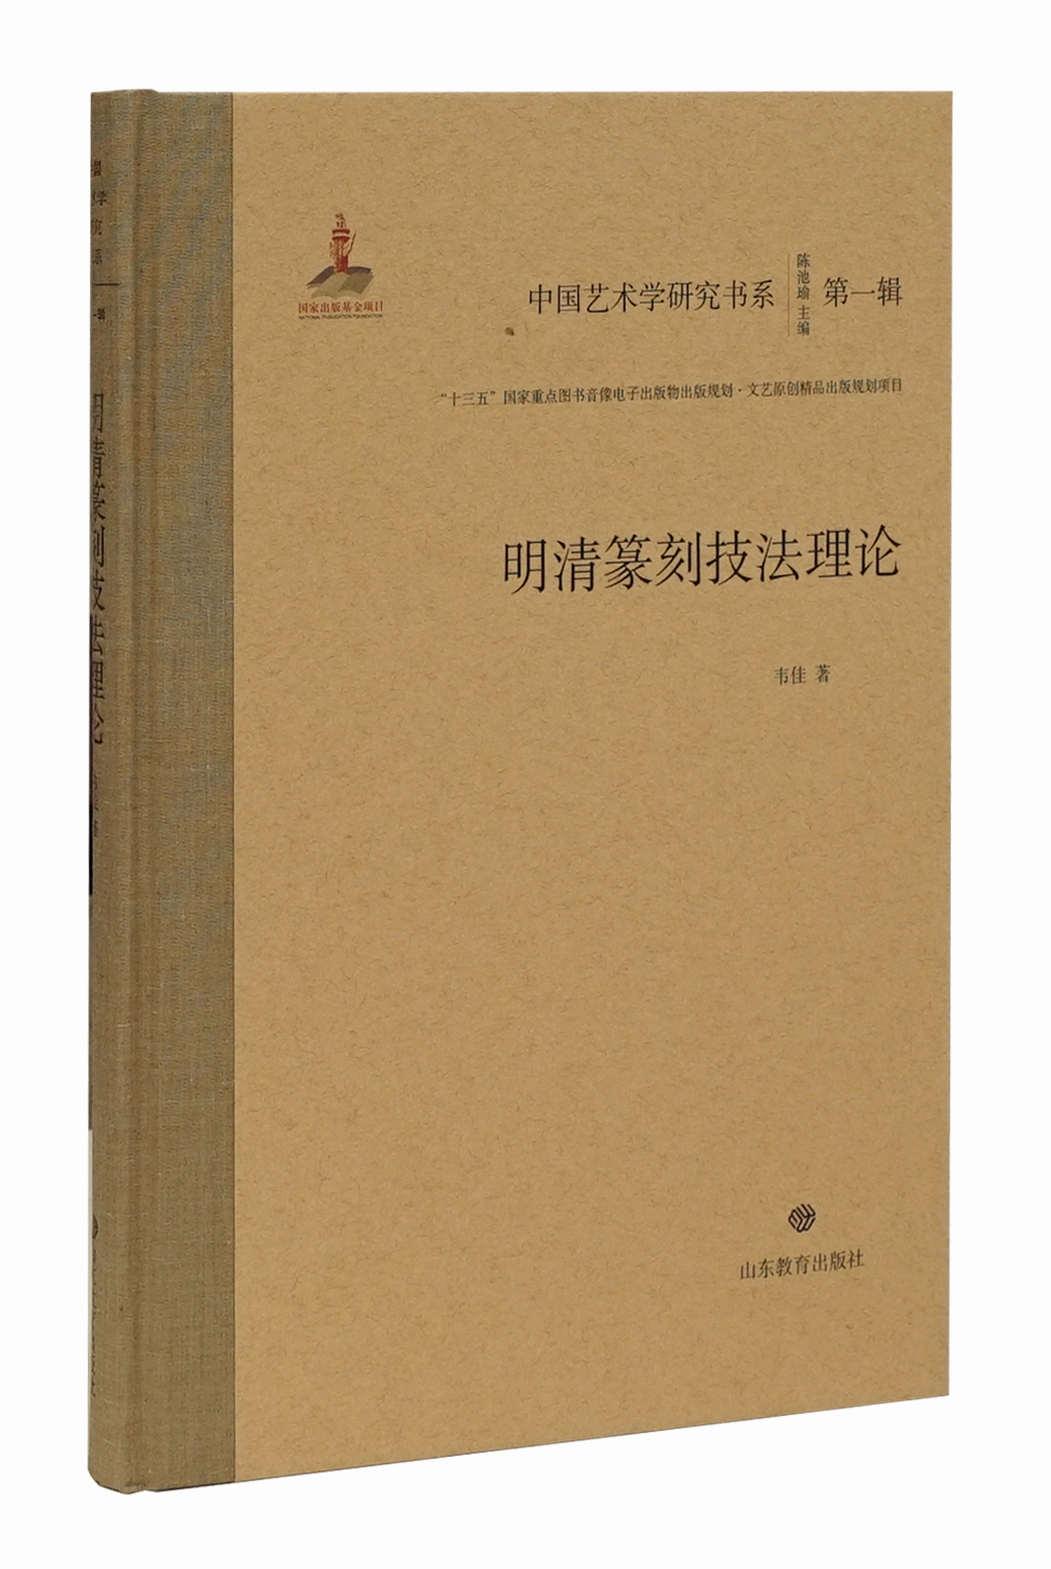 明清篆刻技法理论